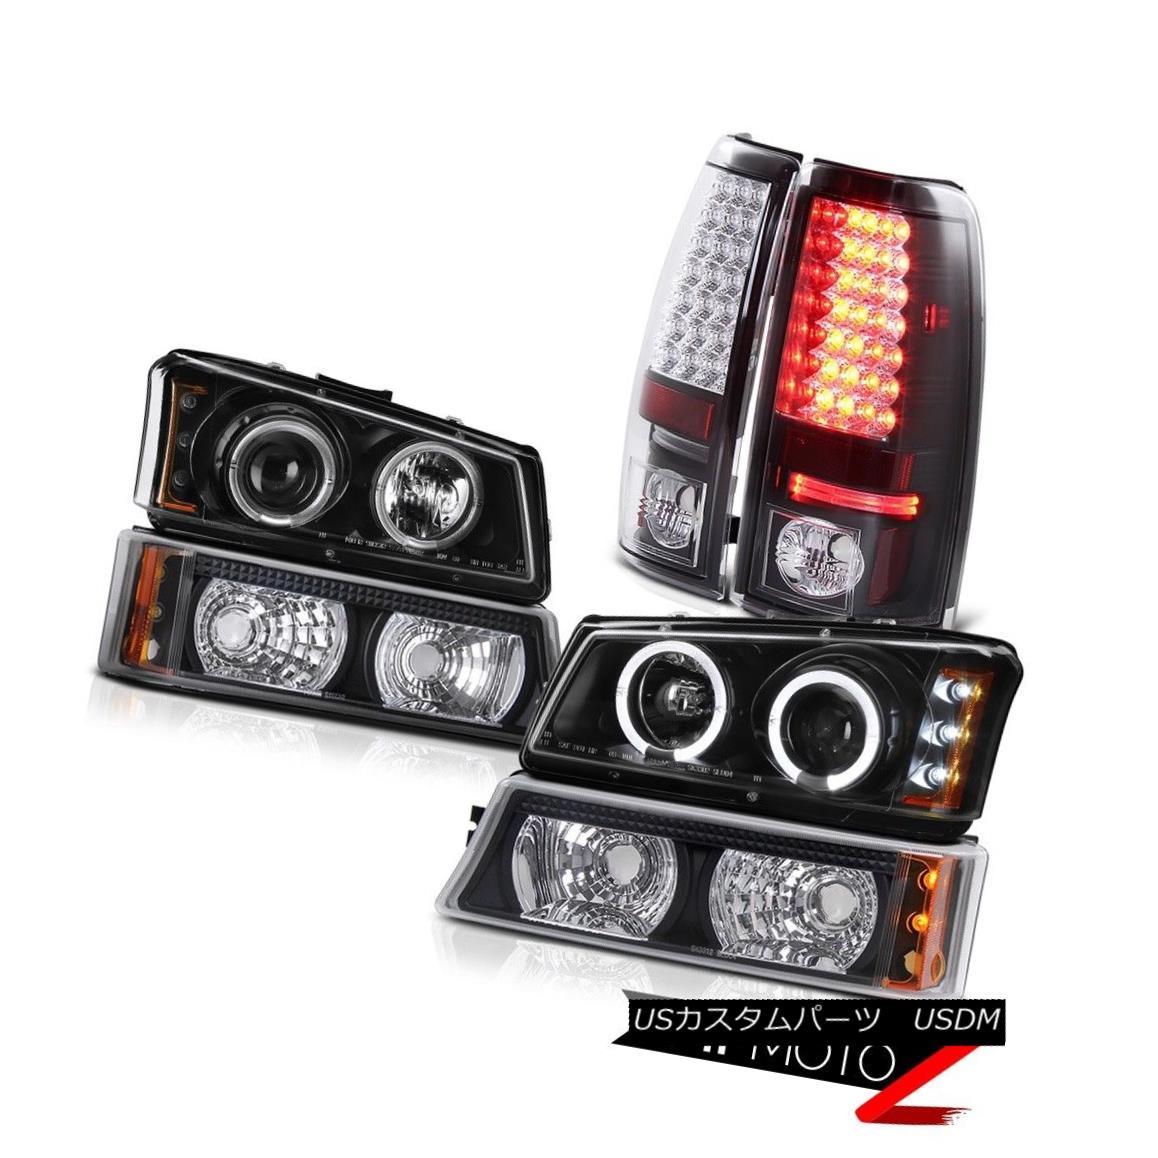 テールライト 03 04 05 06 Silverado Black Angel Eye LED DRL Head Lights Bumper LED Tail Lights 03 04 05 06 Silverado Black Angel LED DRLヘッドライトバンパーLEDテールライト